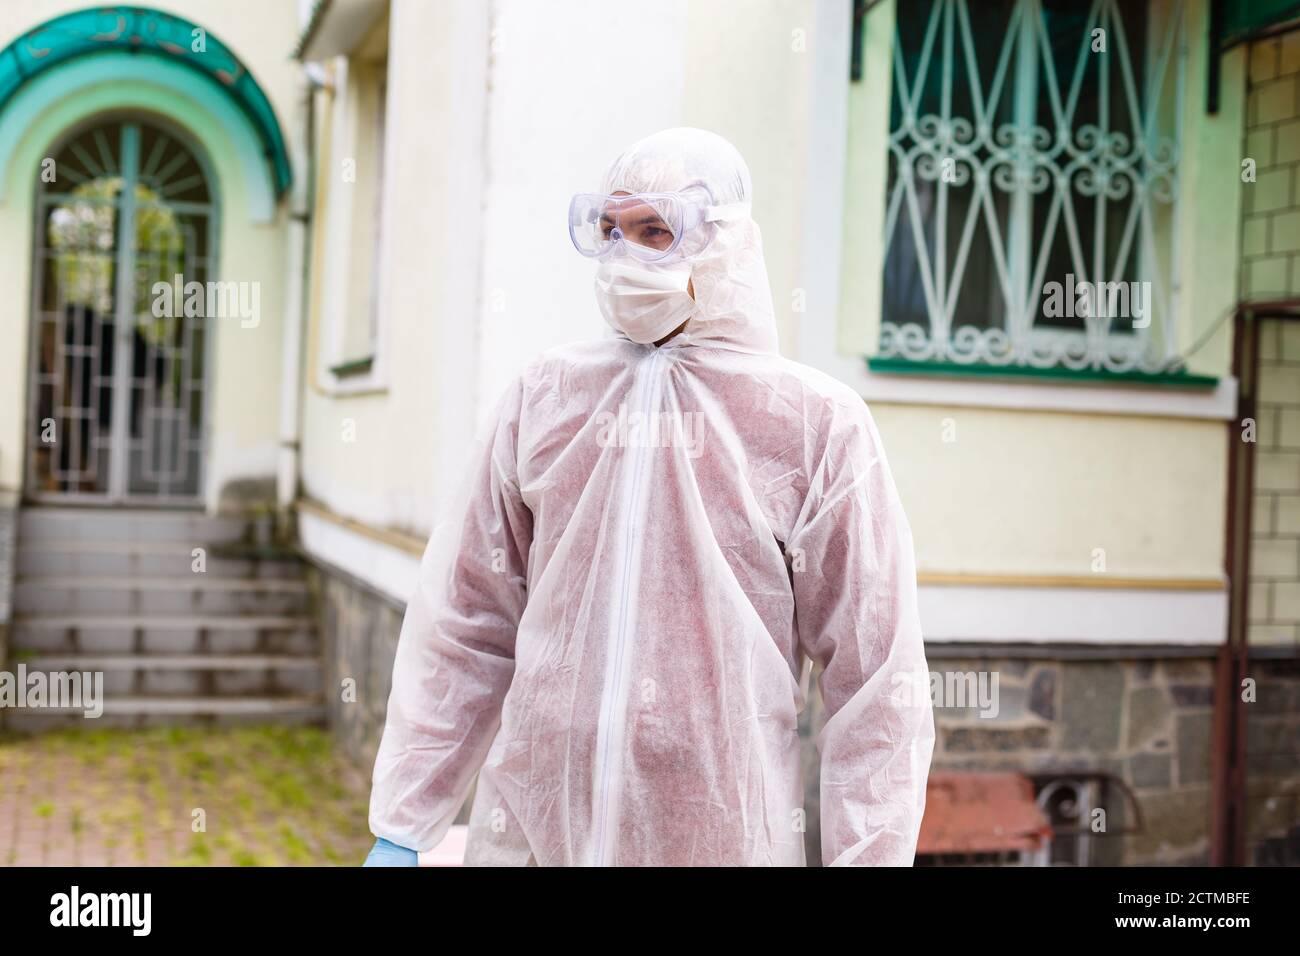 El enfoque selectivo de hombres sonrientes científico en máscara protectora y palo mirando a la cámara en el exterior Foto de stock